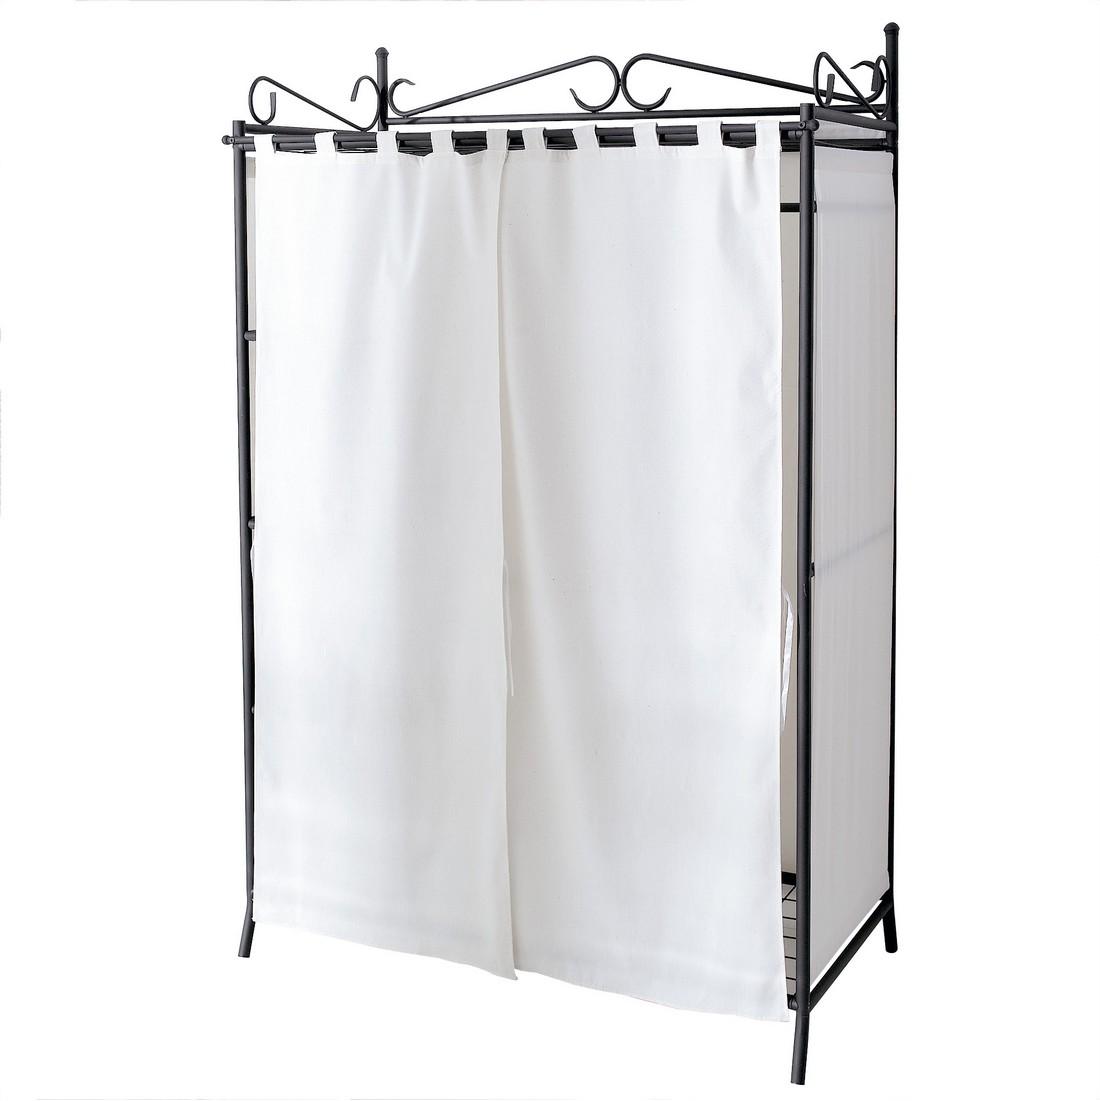 Kleiderschrank mit Schuhablage Air – Metall/Baumwolle – Schwarz/Weiß, PureDay jetzt kaufen